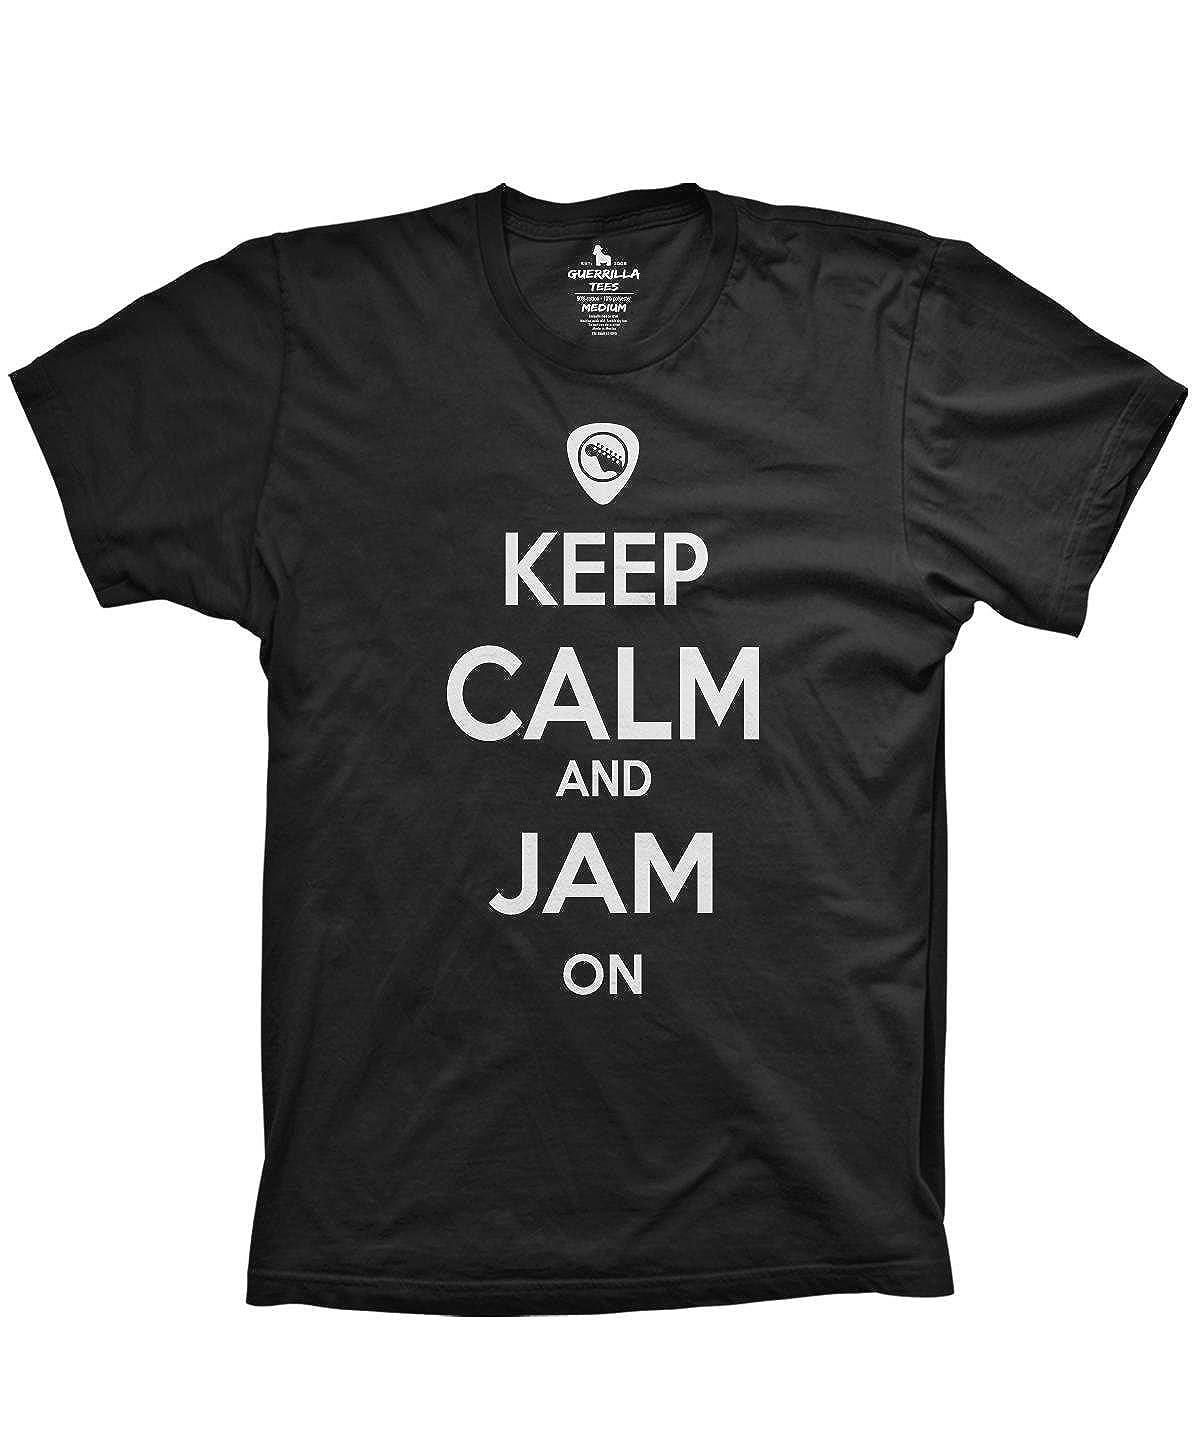 Keep Calm and Jam onシャツギターTシャツおもしろTシャツグラフィックTシャツ US サイズ: 4L カラー: ブラック B076HT6L57